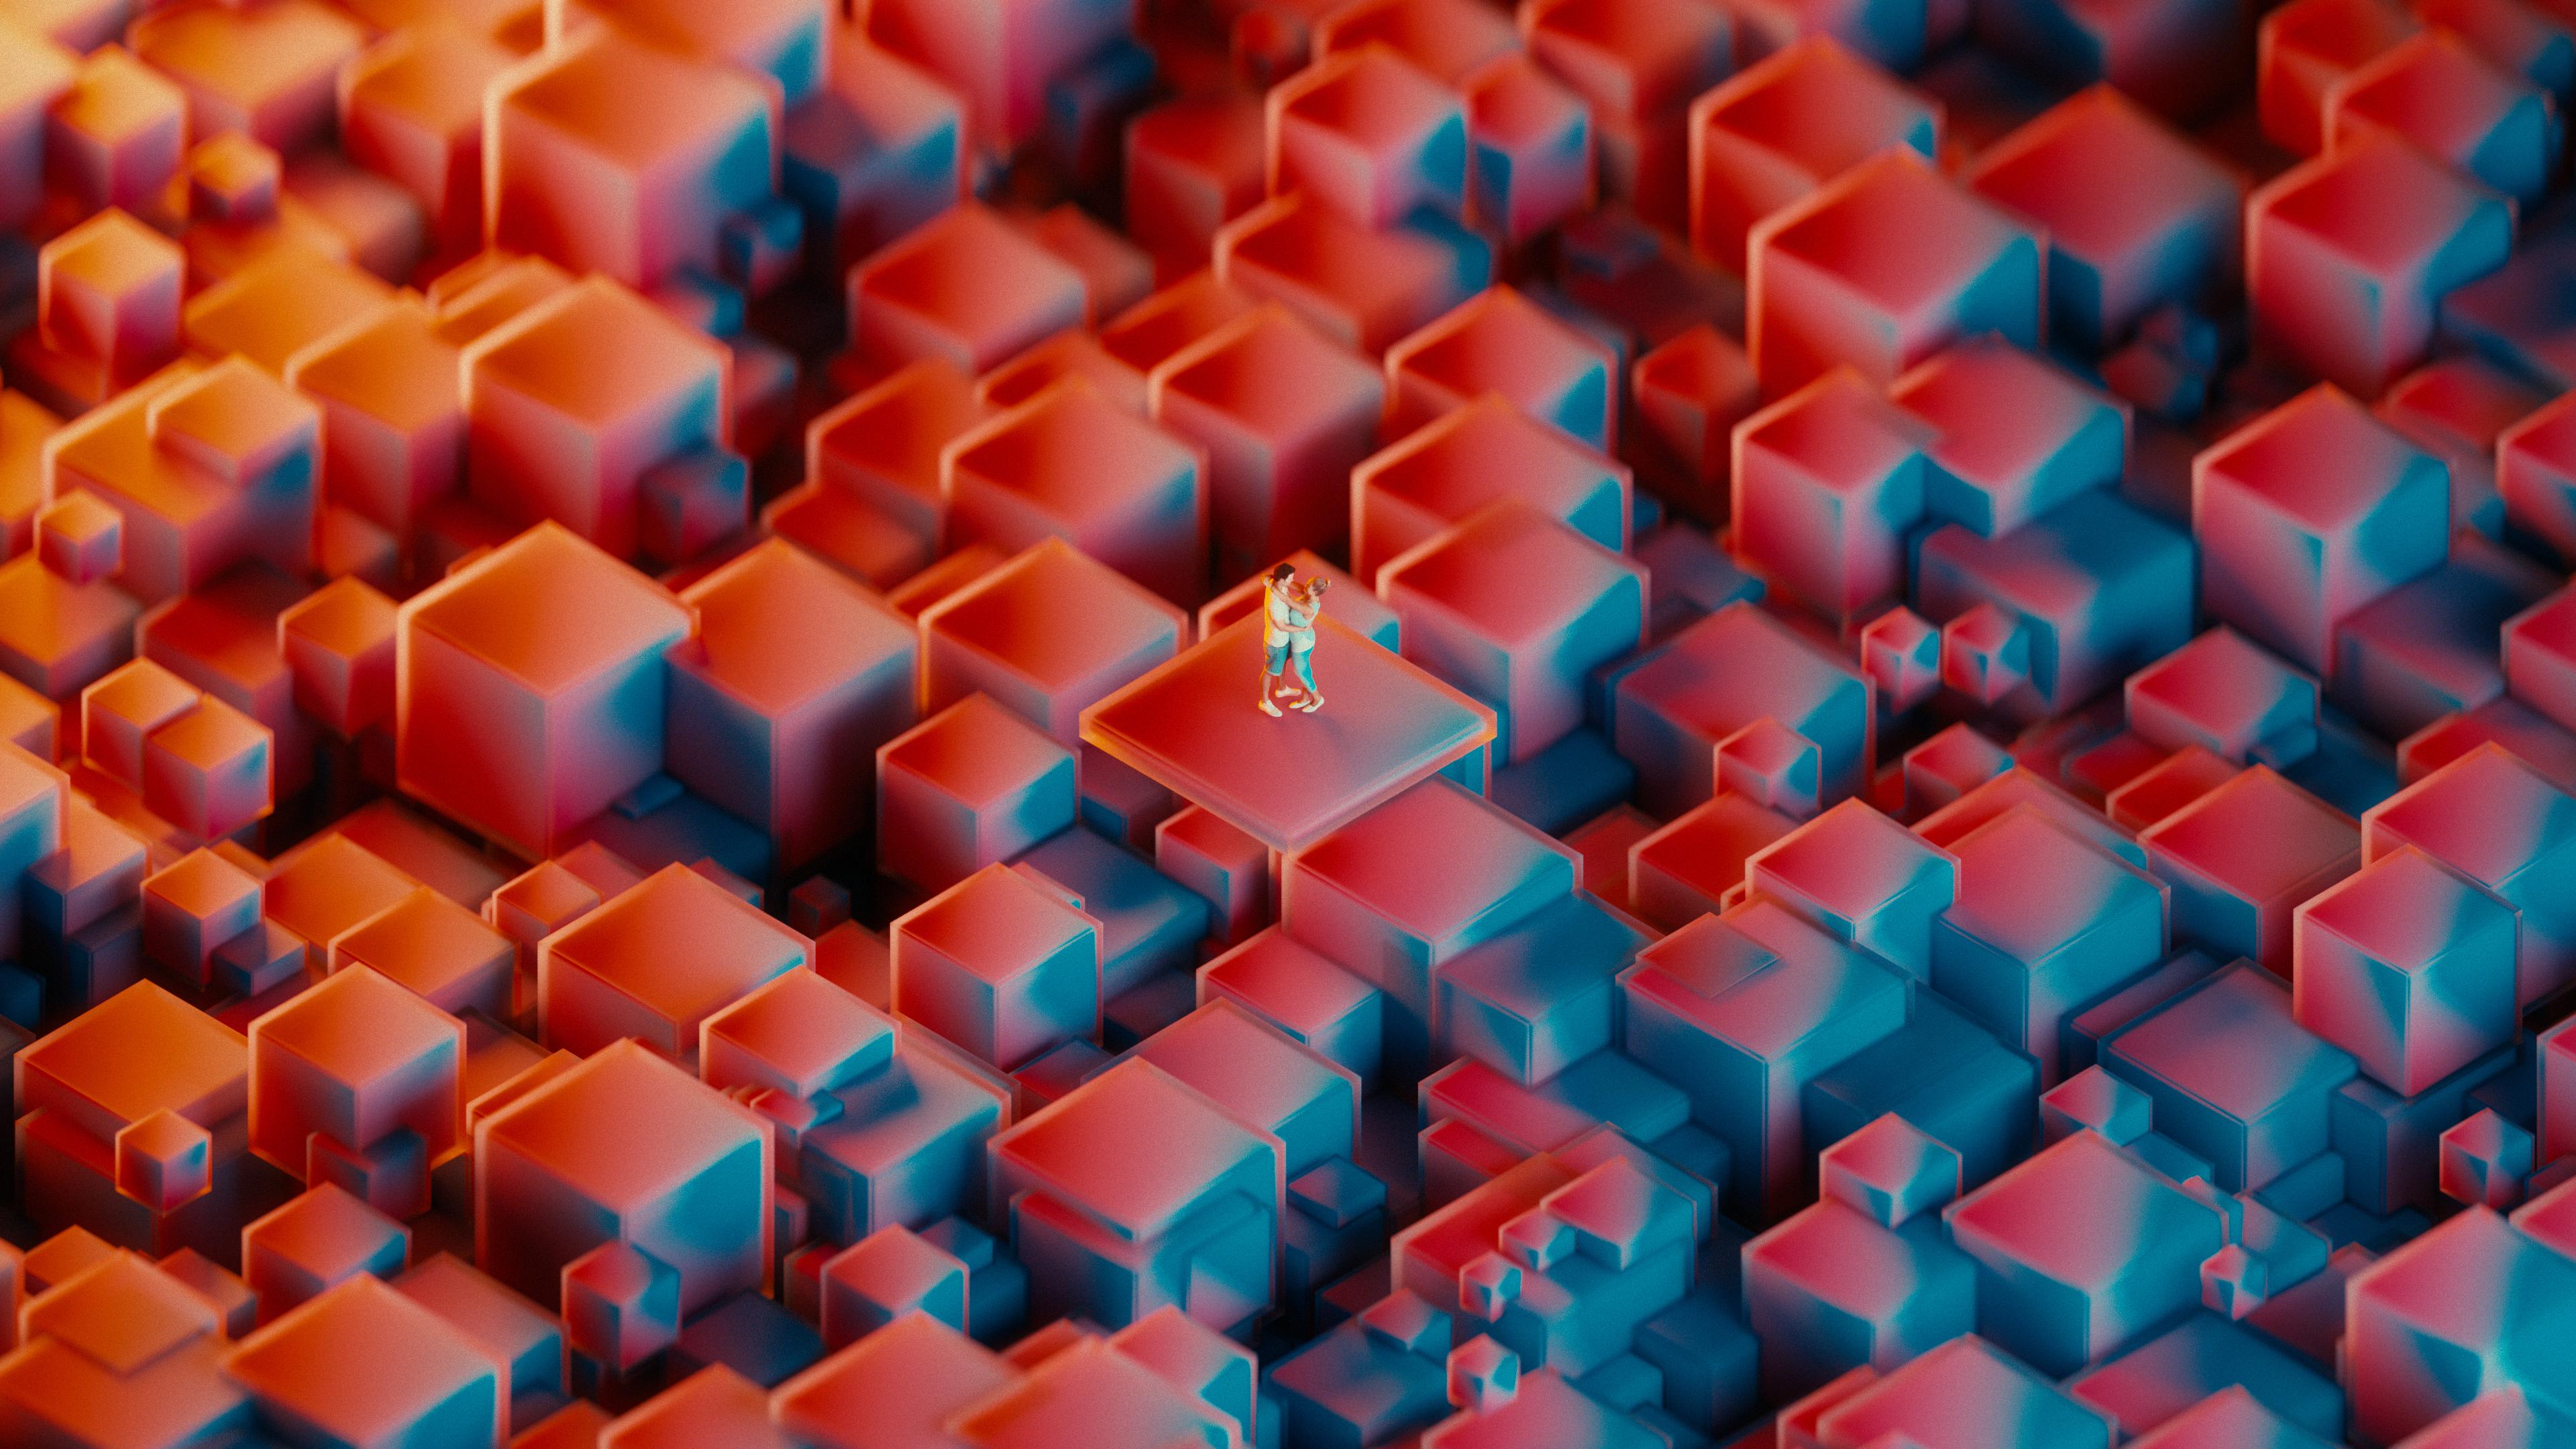 Красные геометрические кубы с танцующими в оттенках неонового света